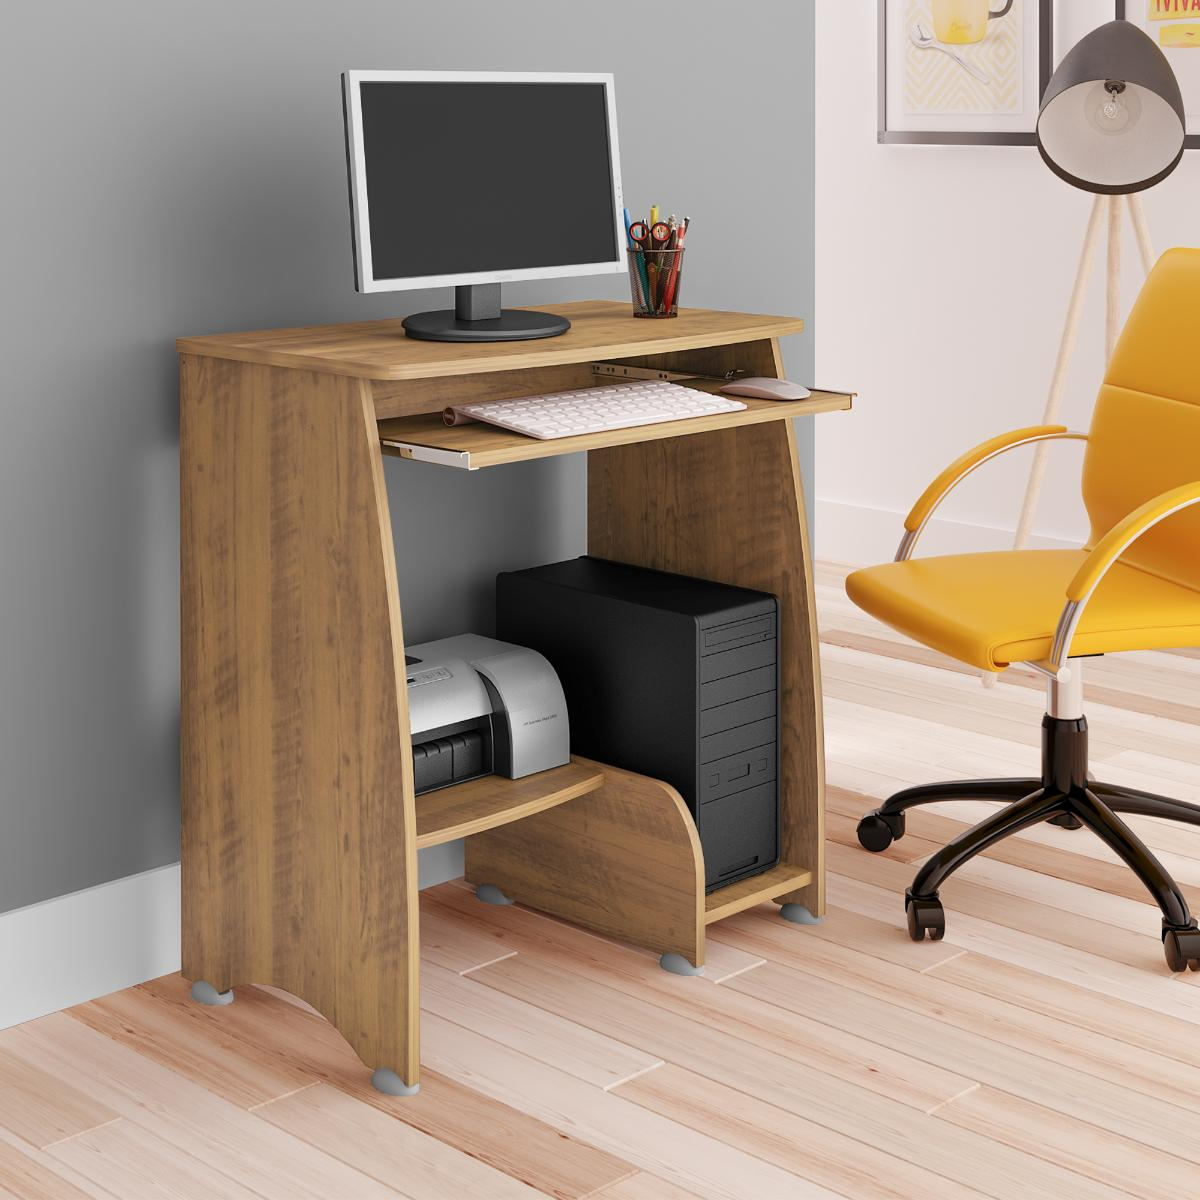 Mesa Para Computador Pixel - Pinho - Artely